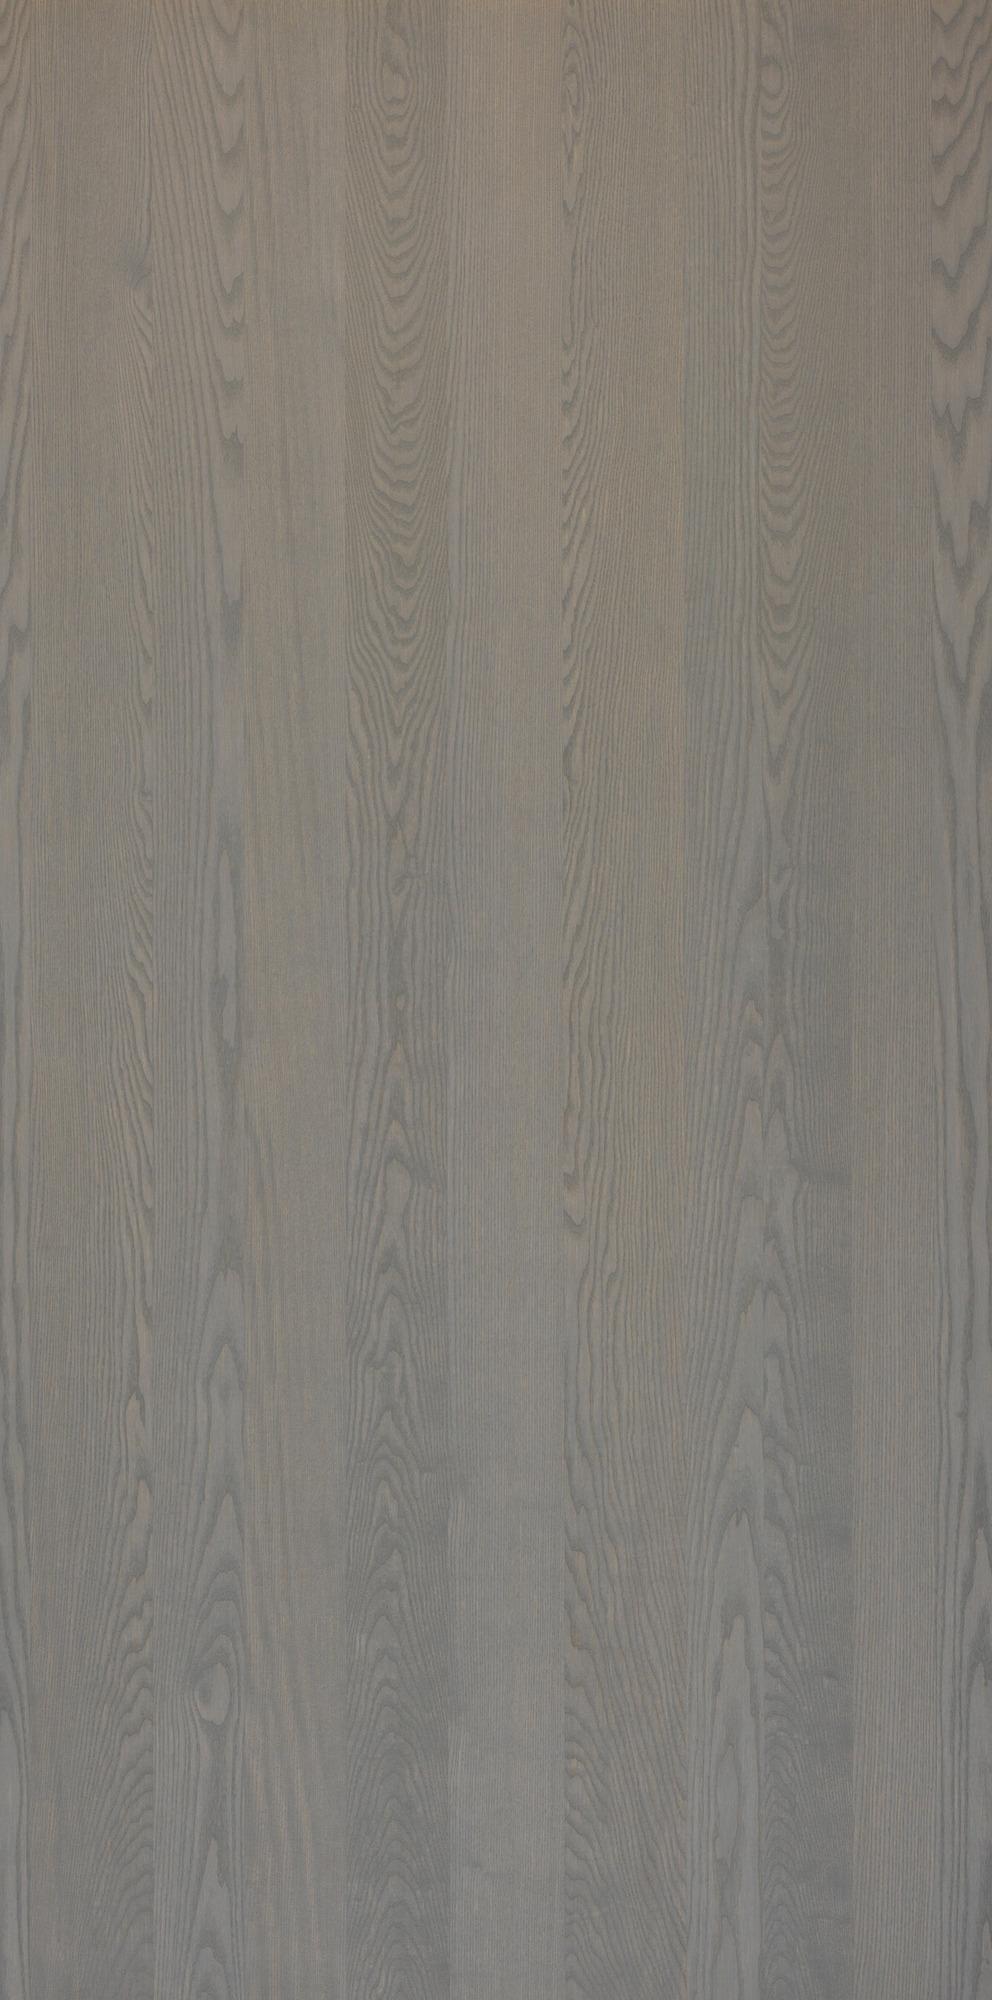 Mod - Desert Oak Shinnoki.jpg